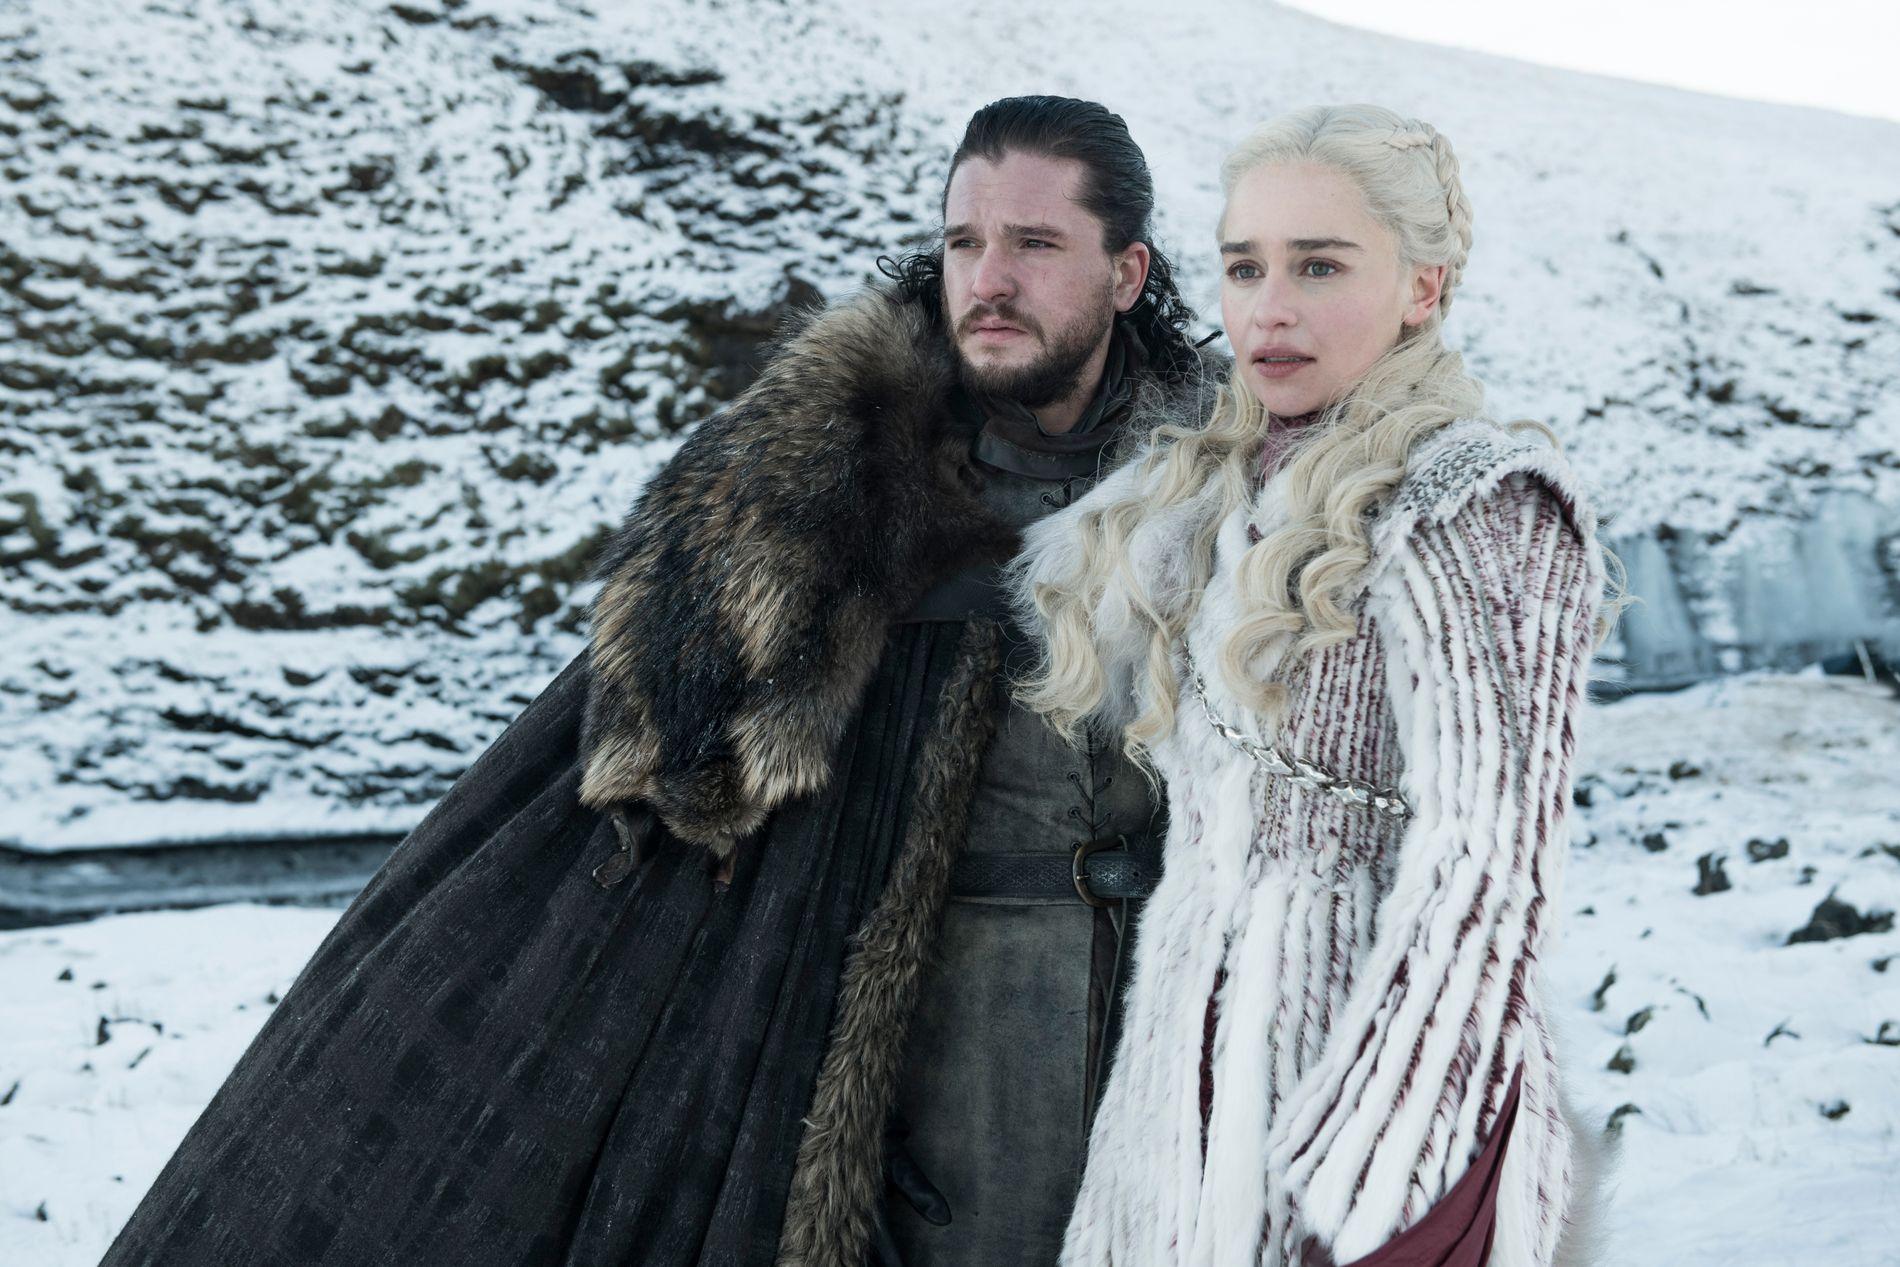 PÅ TV: Kit Harington som Jon Snow og Emilia Clarke som Daenerys Targaryen i sesong 8 av «Game of Thrones».